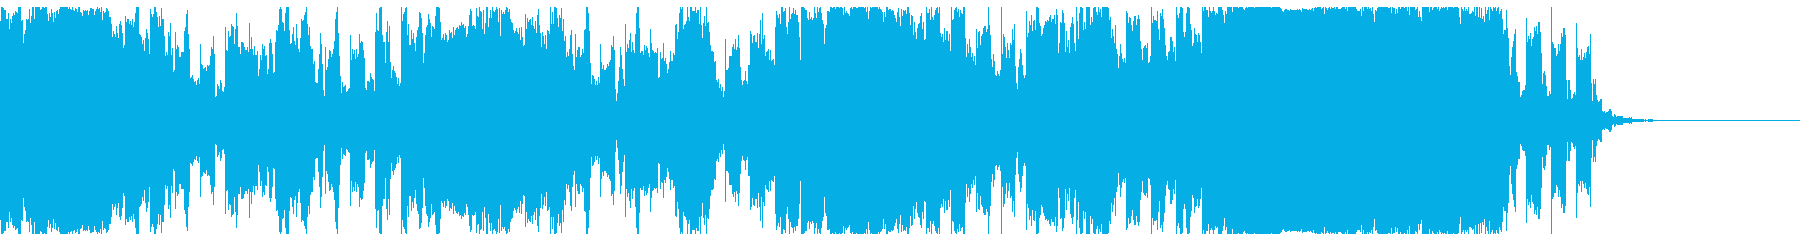 【ジングル】緩やかなEDMサウンドの再生済みの波形